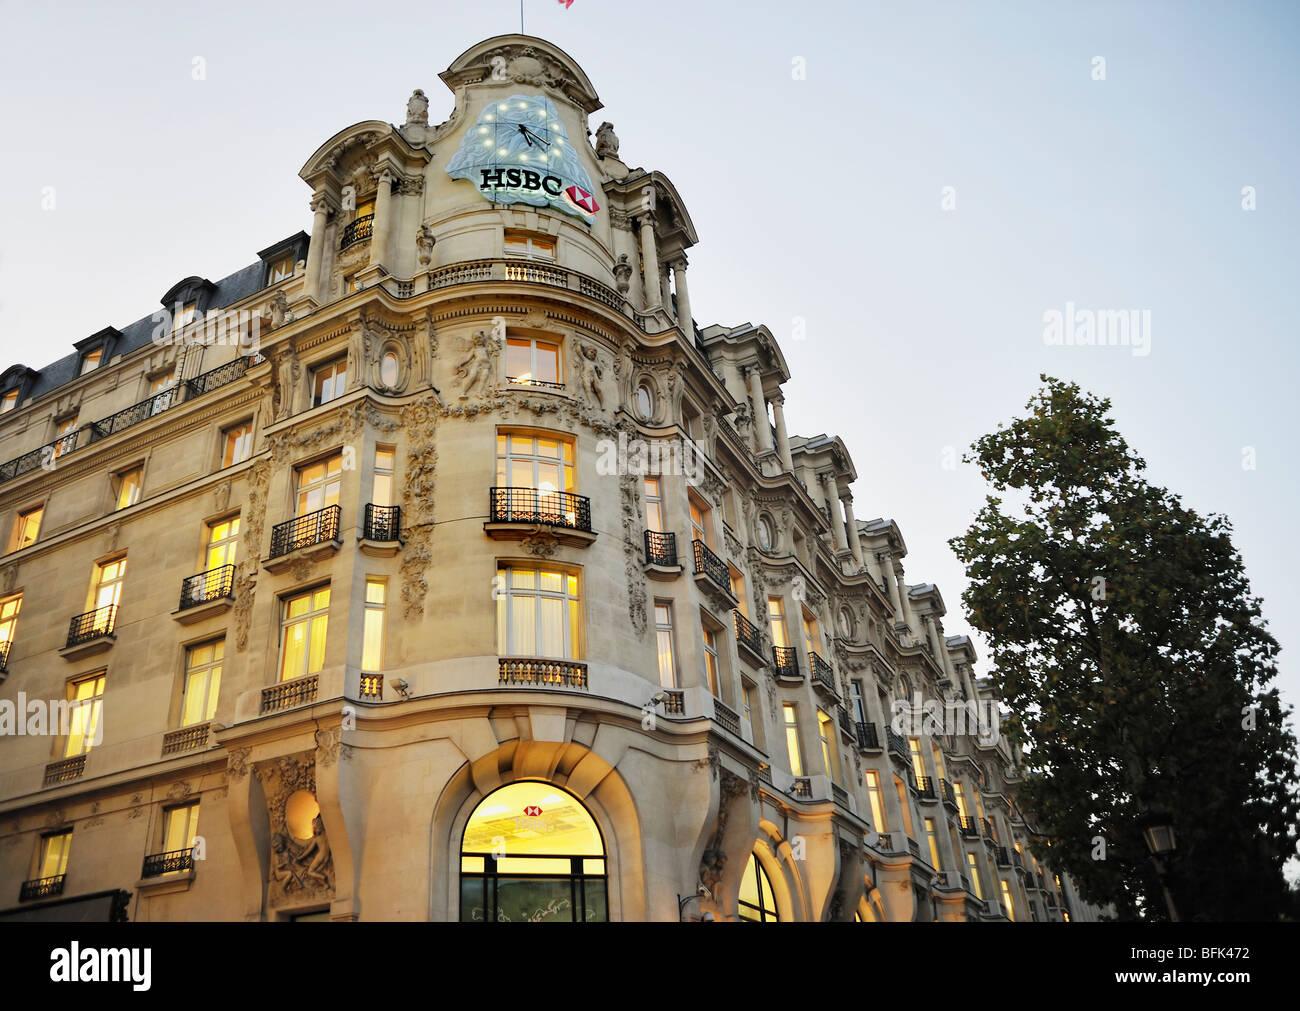 Paris, France, Commercial Architecture, HSBC Bank Corporate Stock